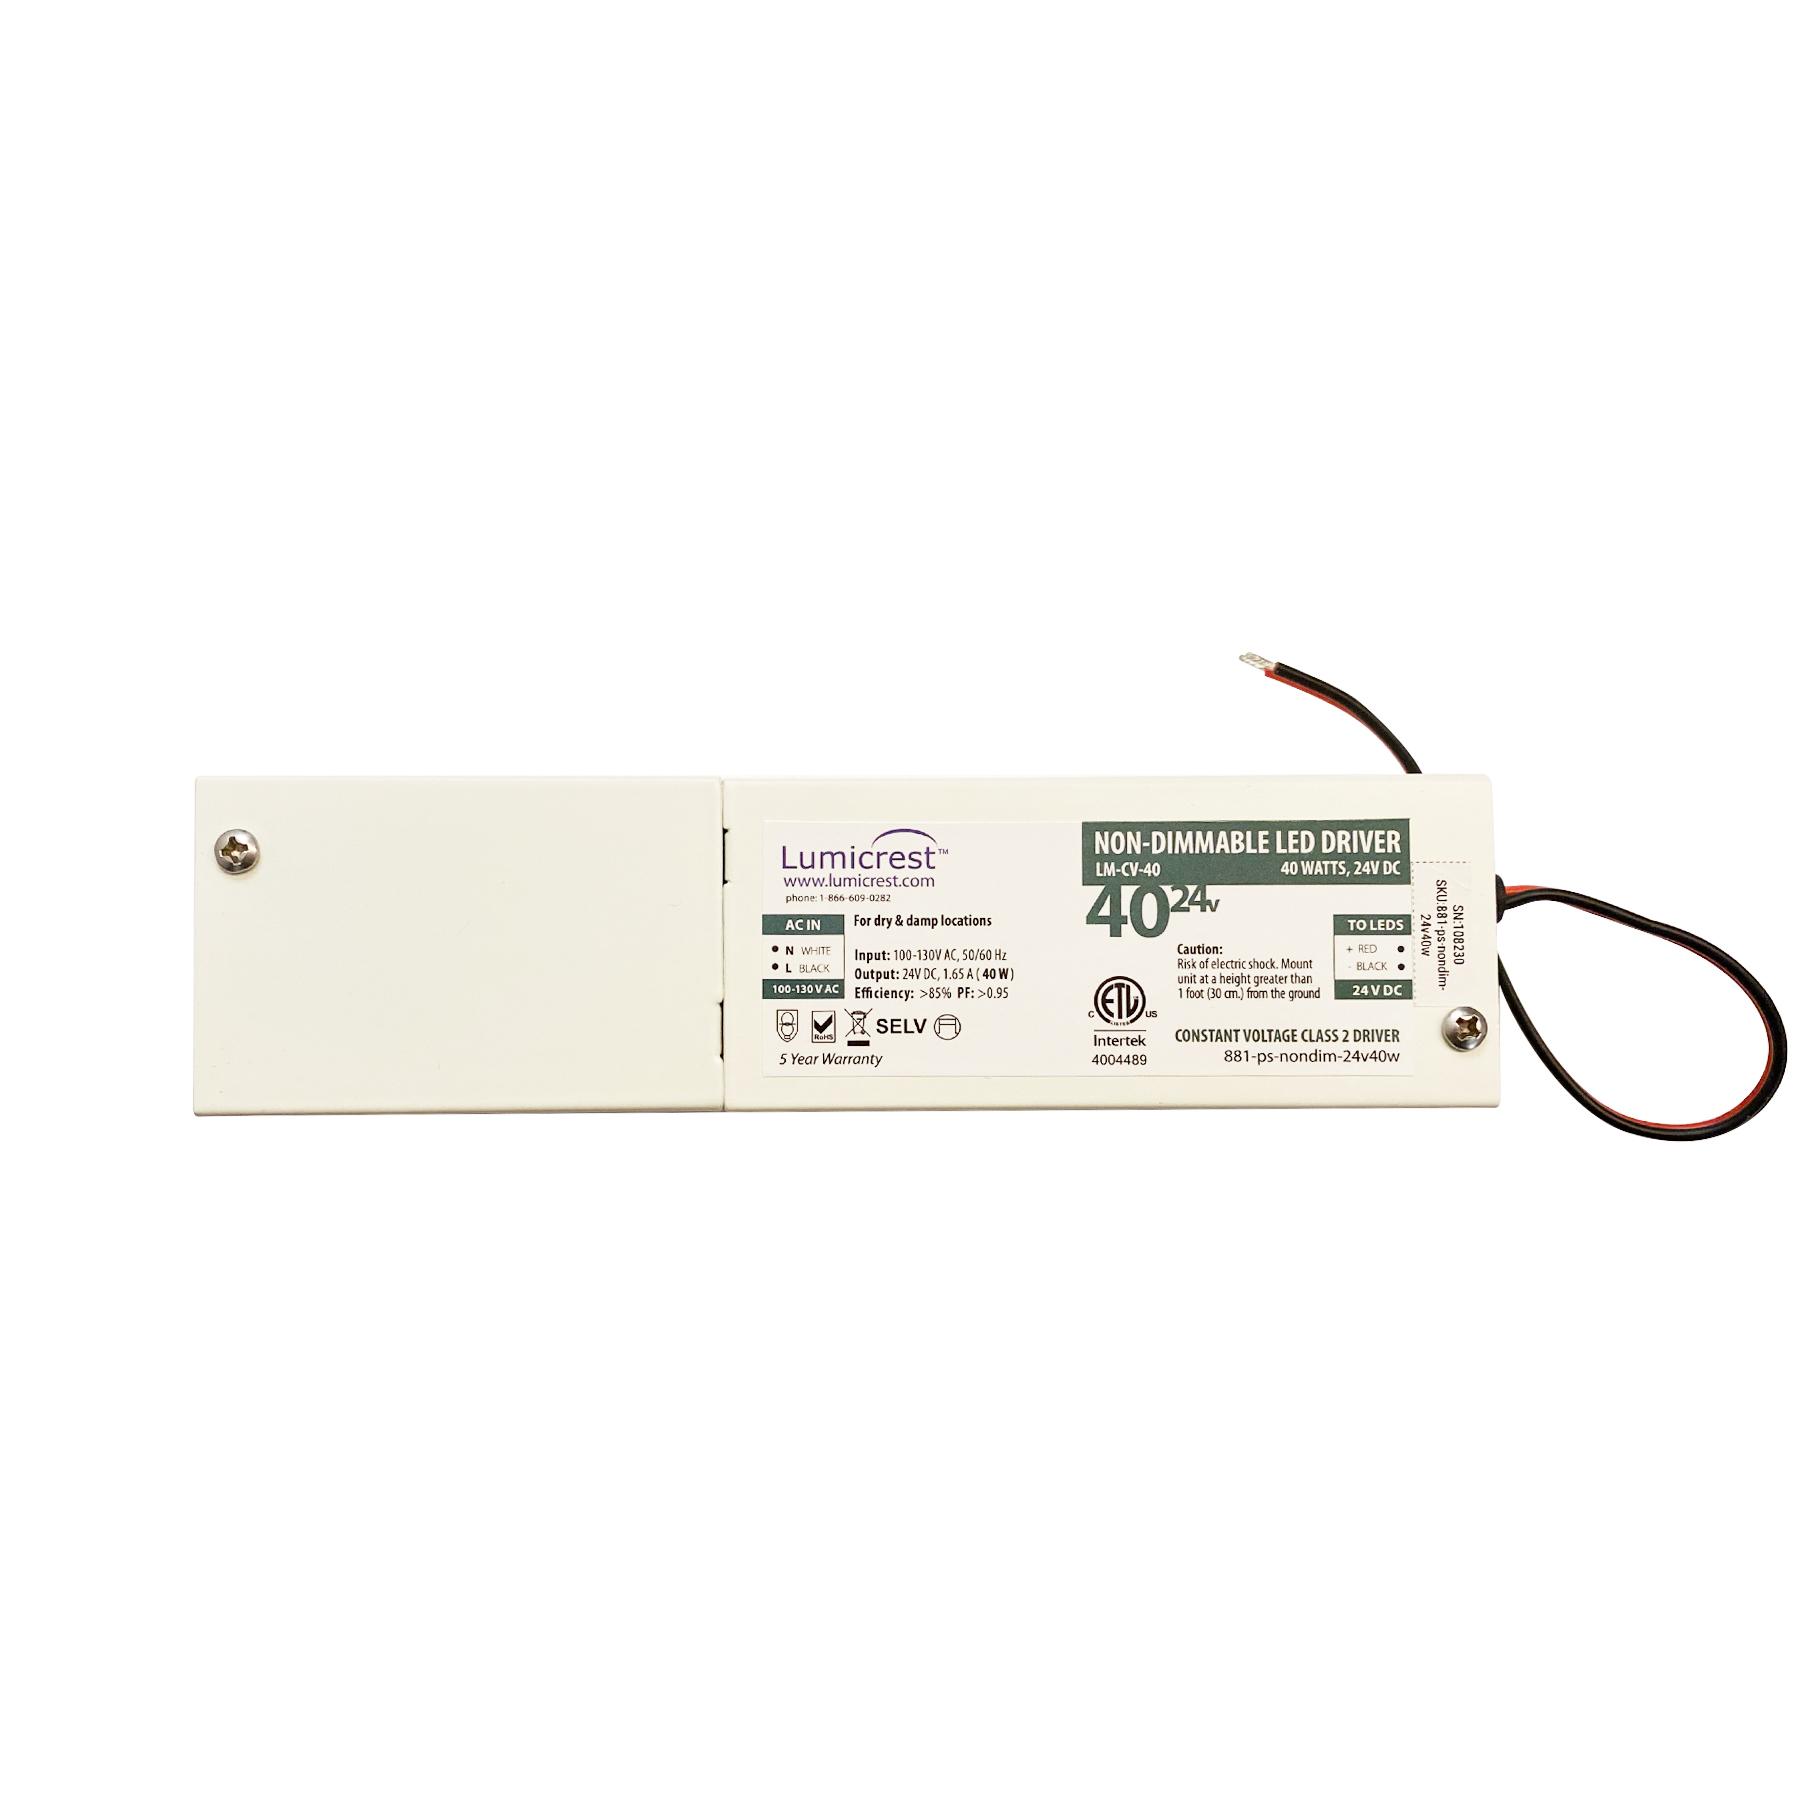 24v 40 watt Power Supply for LED Strip